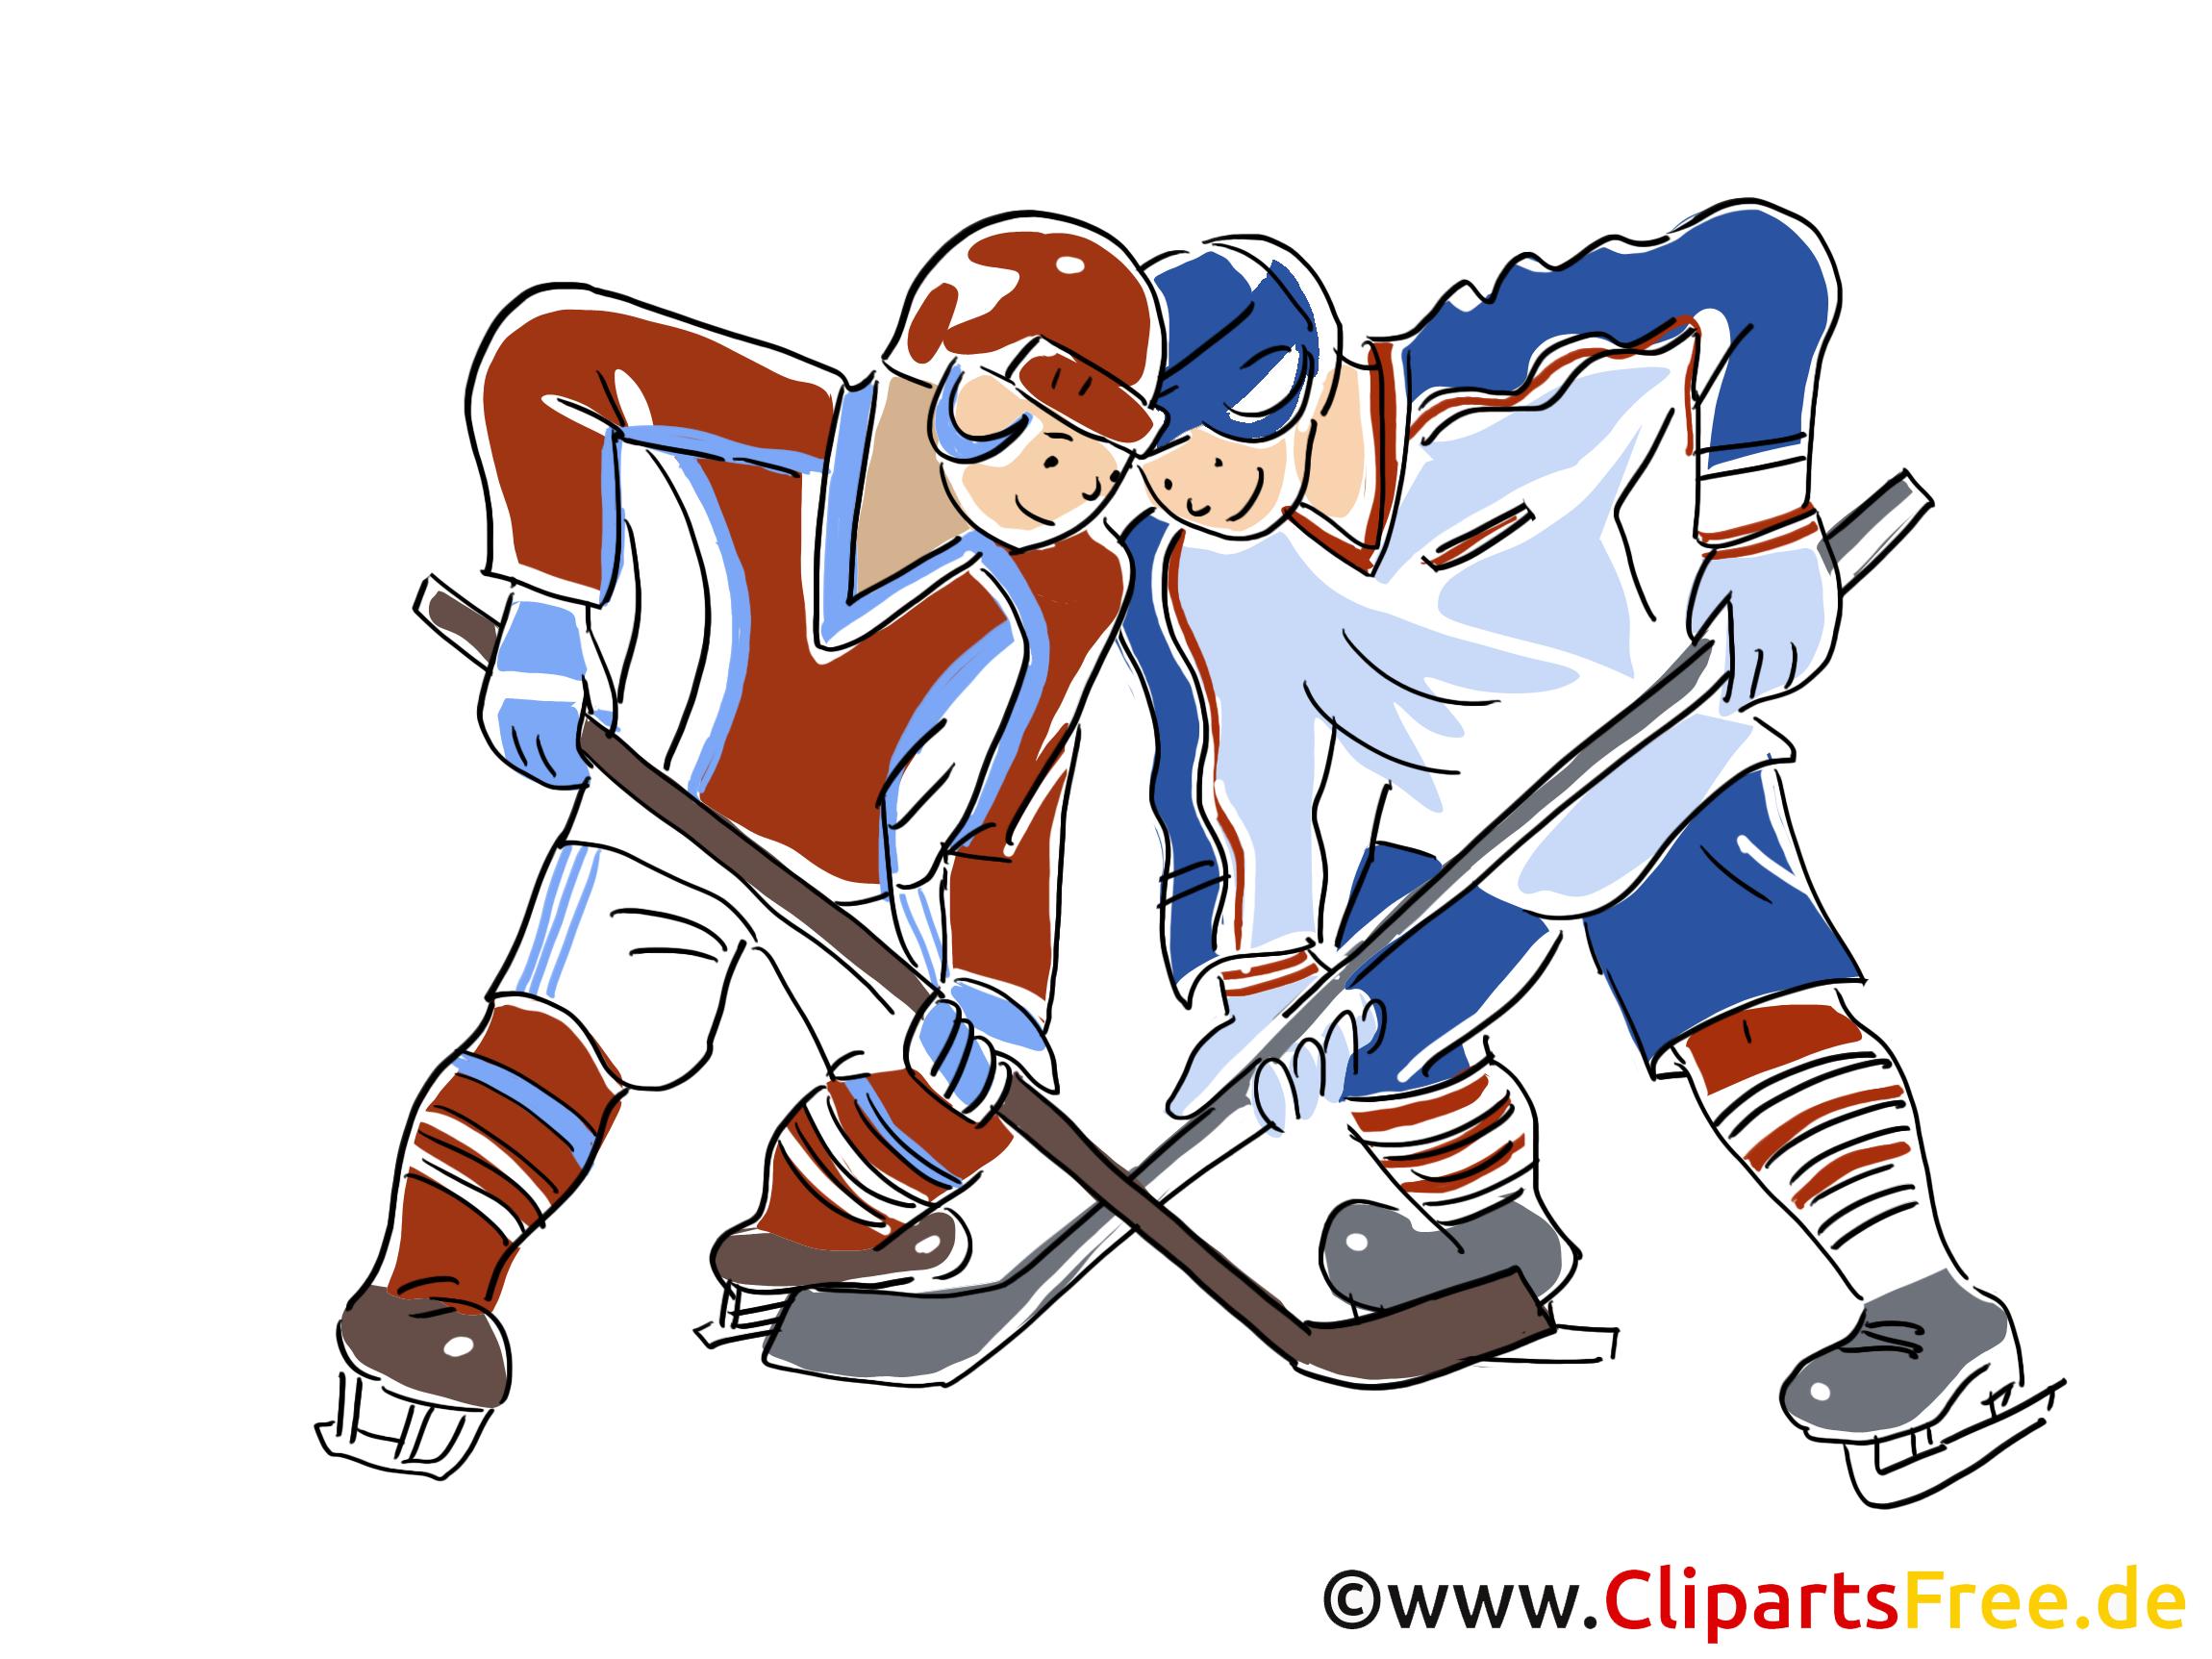 Картинки на тему хоккея для детей